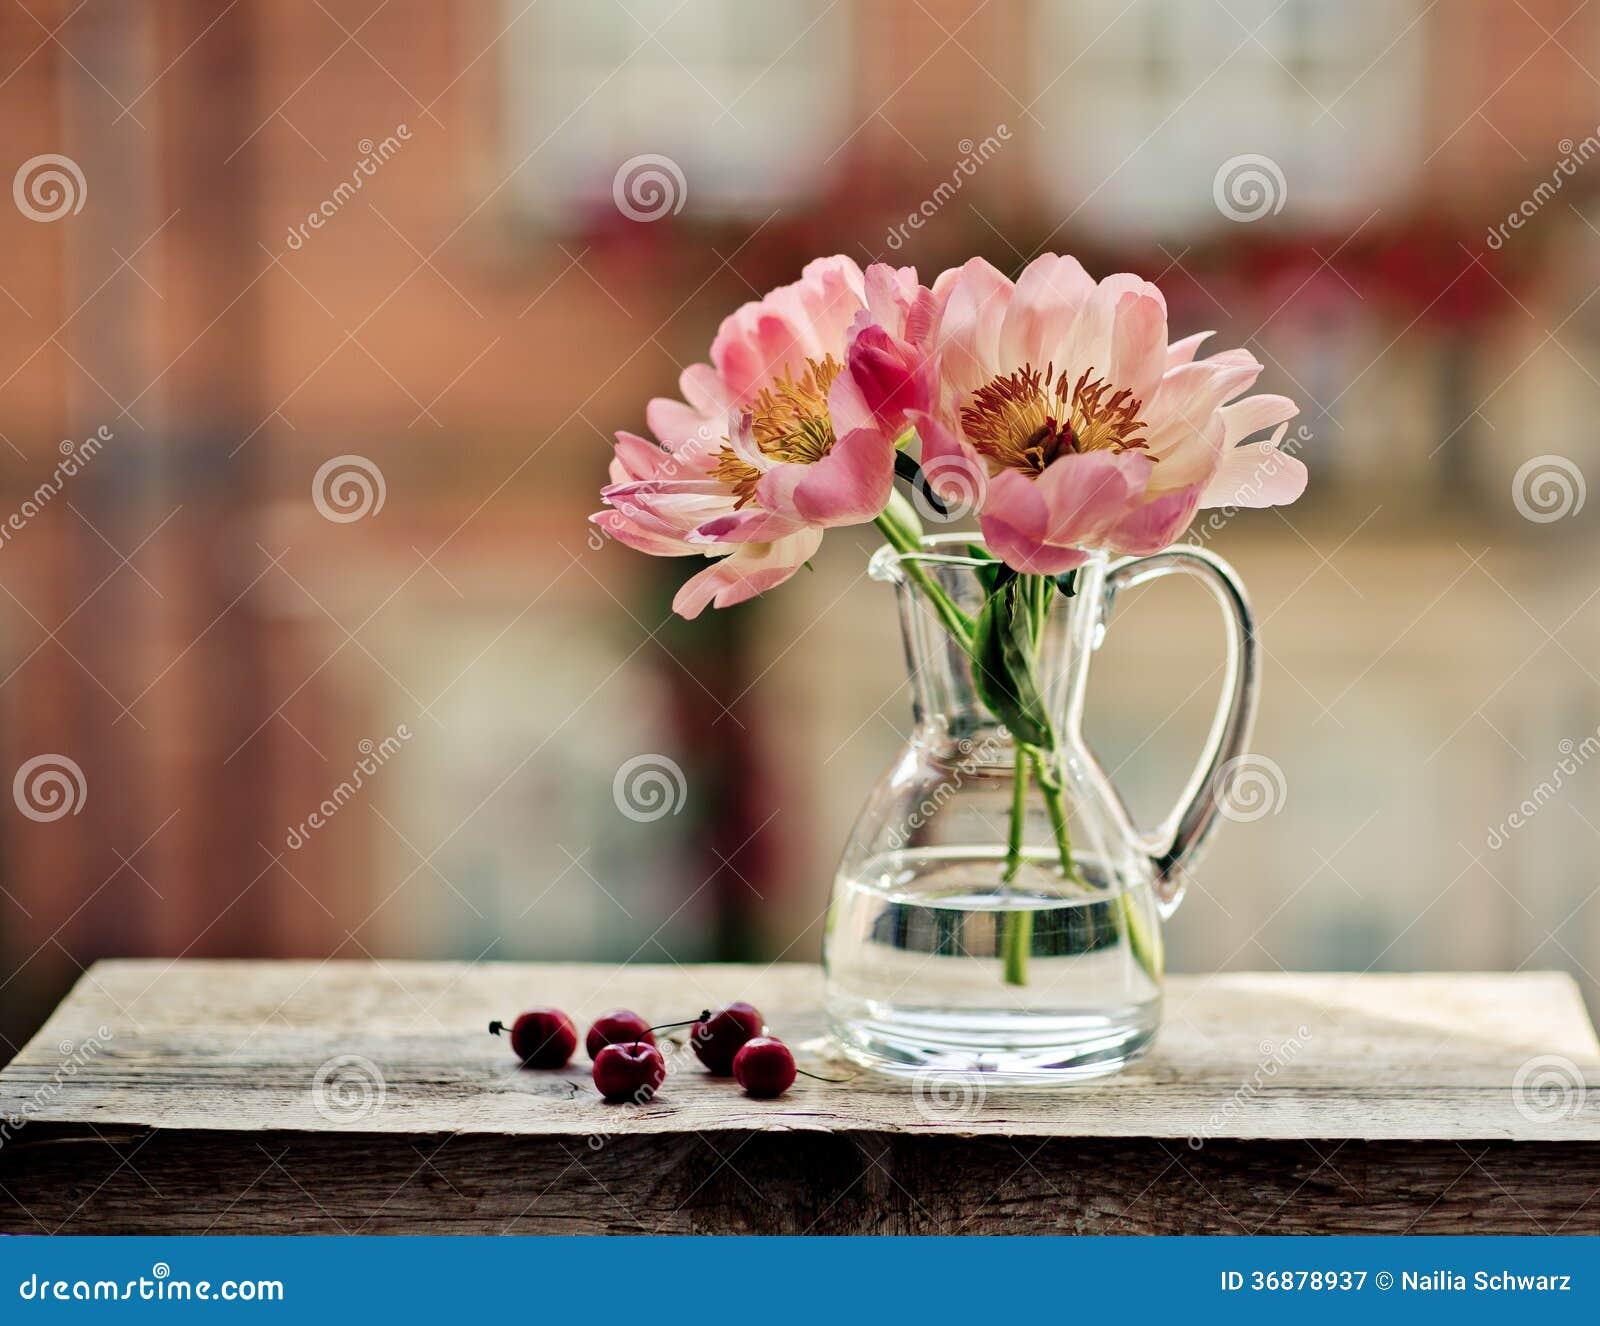 Download Ciliege e tulipani immagine stock. Immagine di vase, pink - 36878937